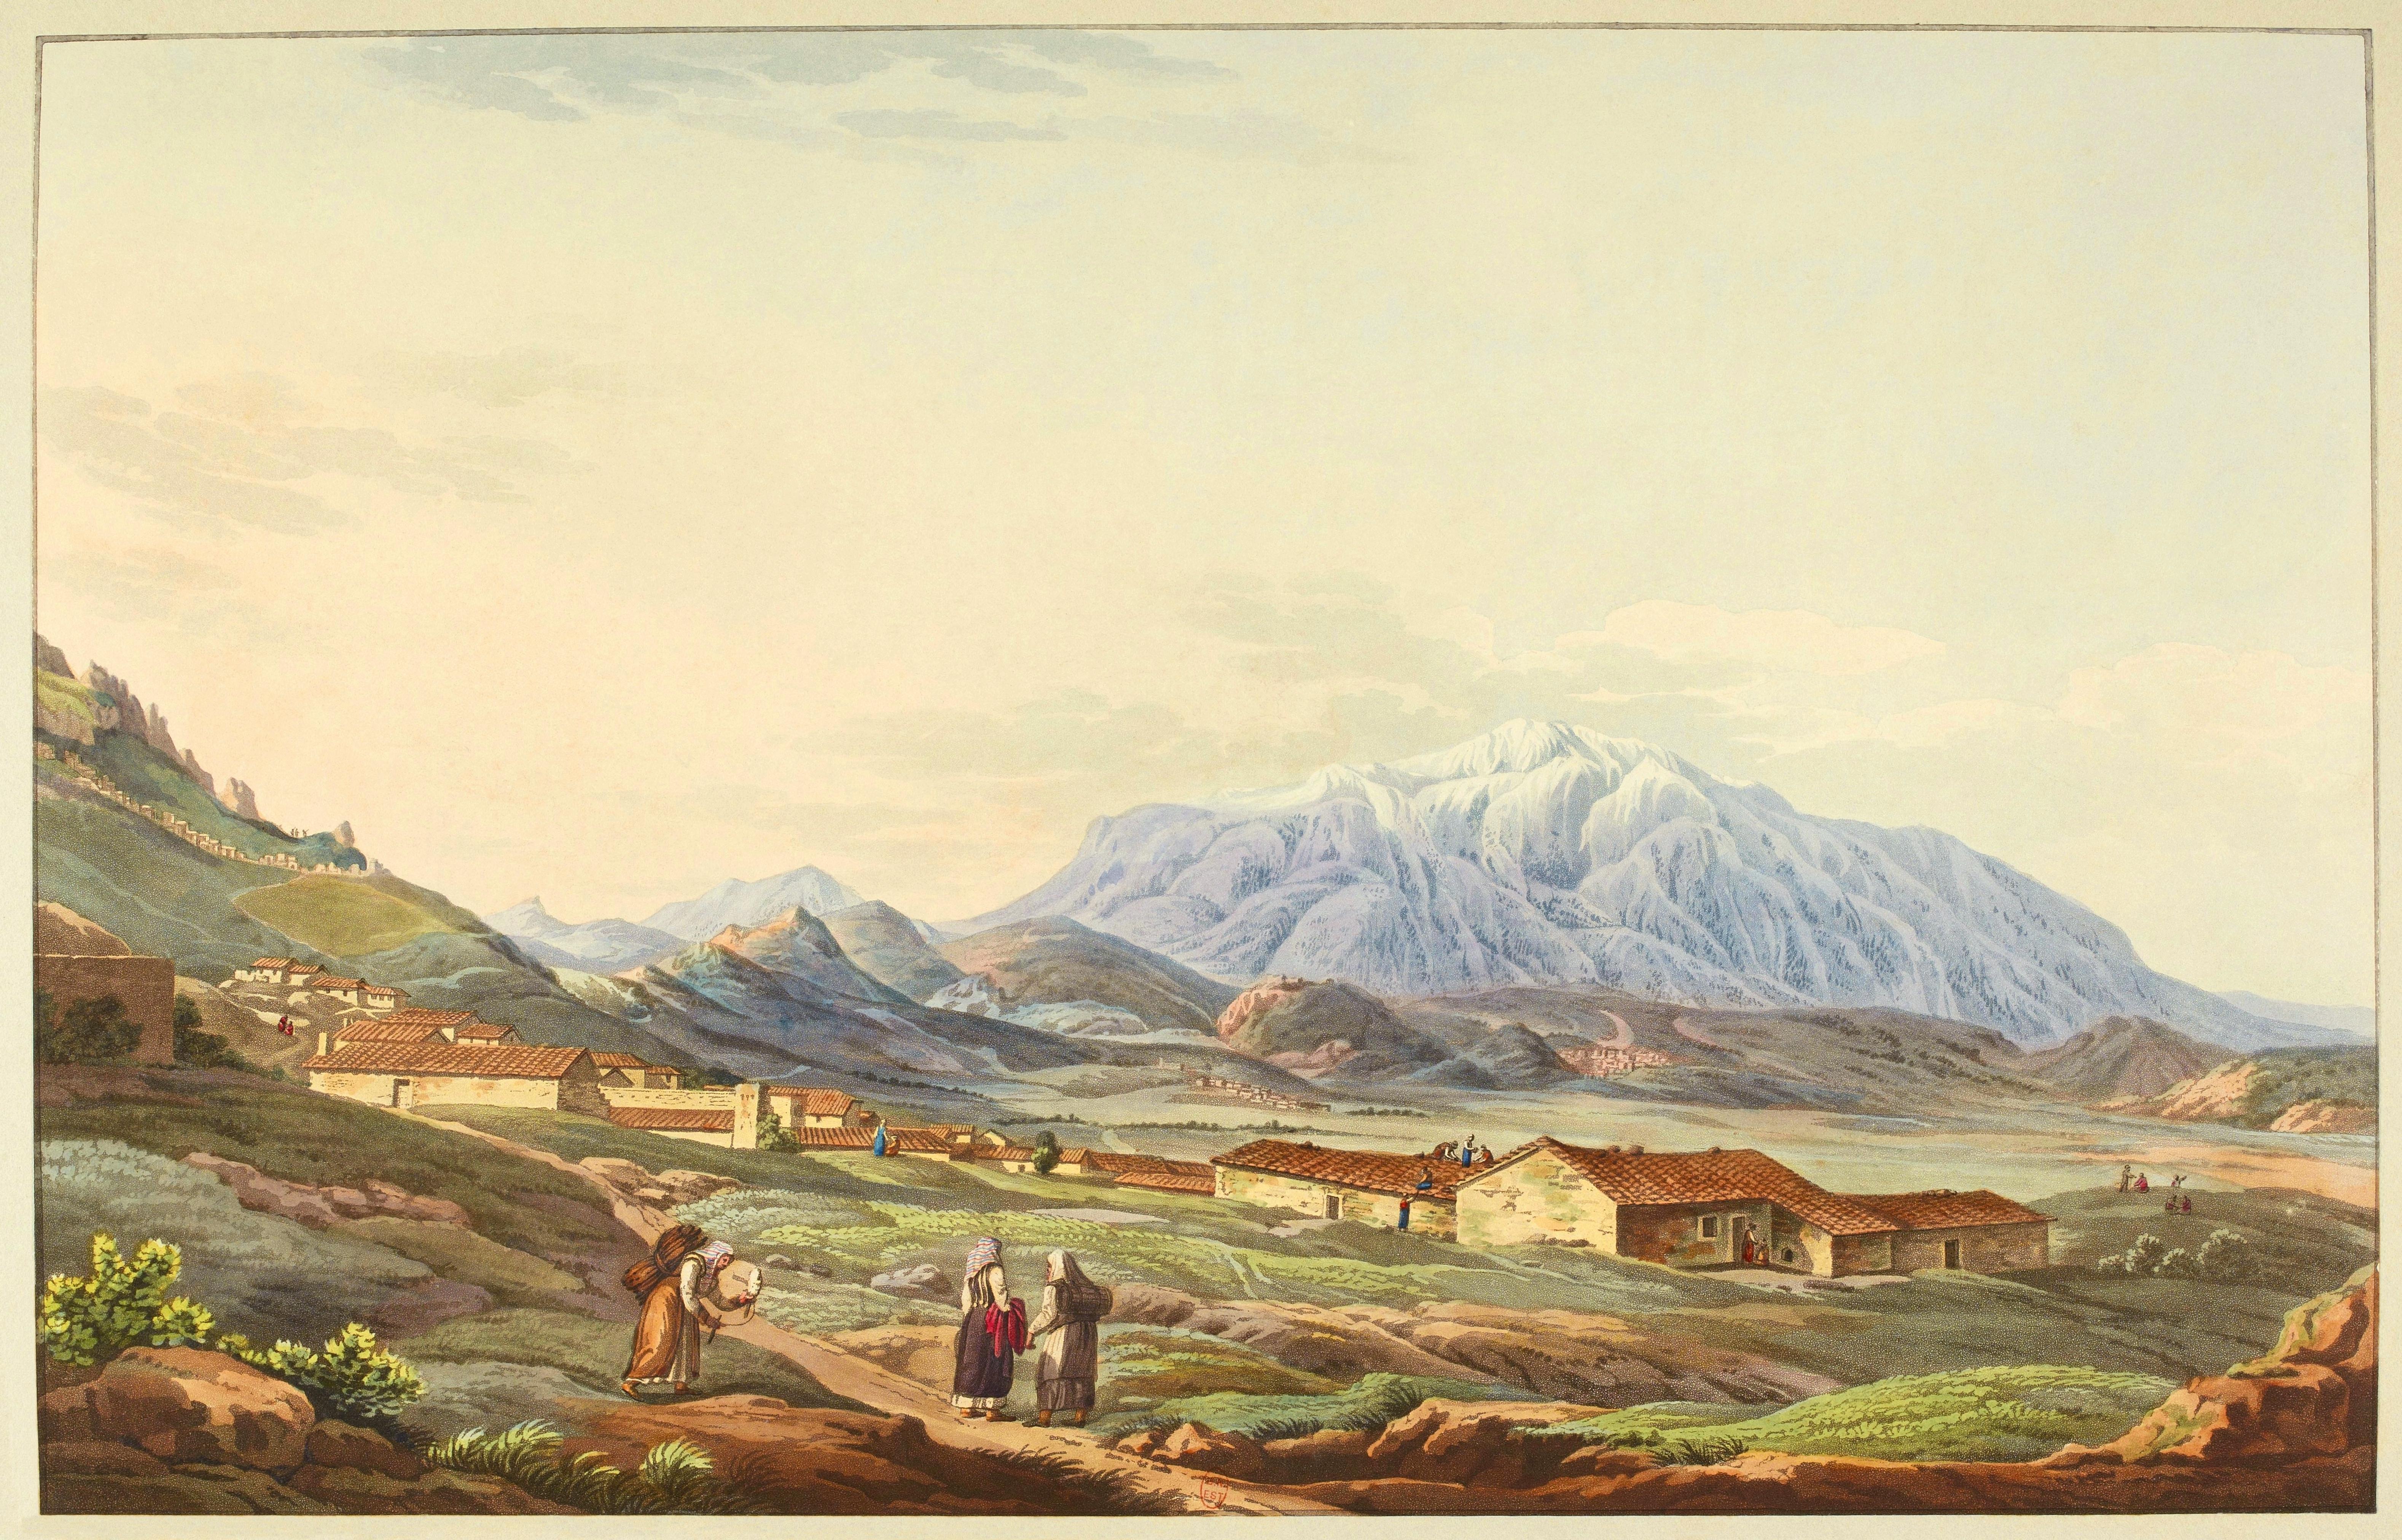 Delfi e il Parnaso in una stampa di Edward Dodwell del 1821